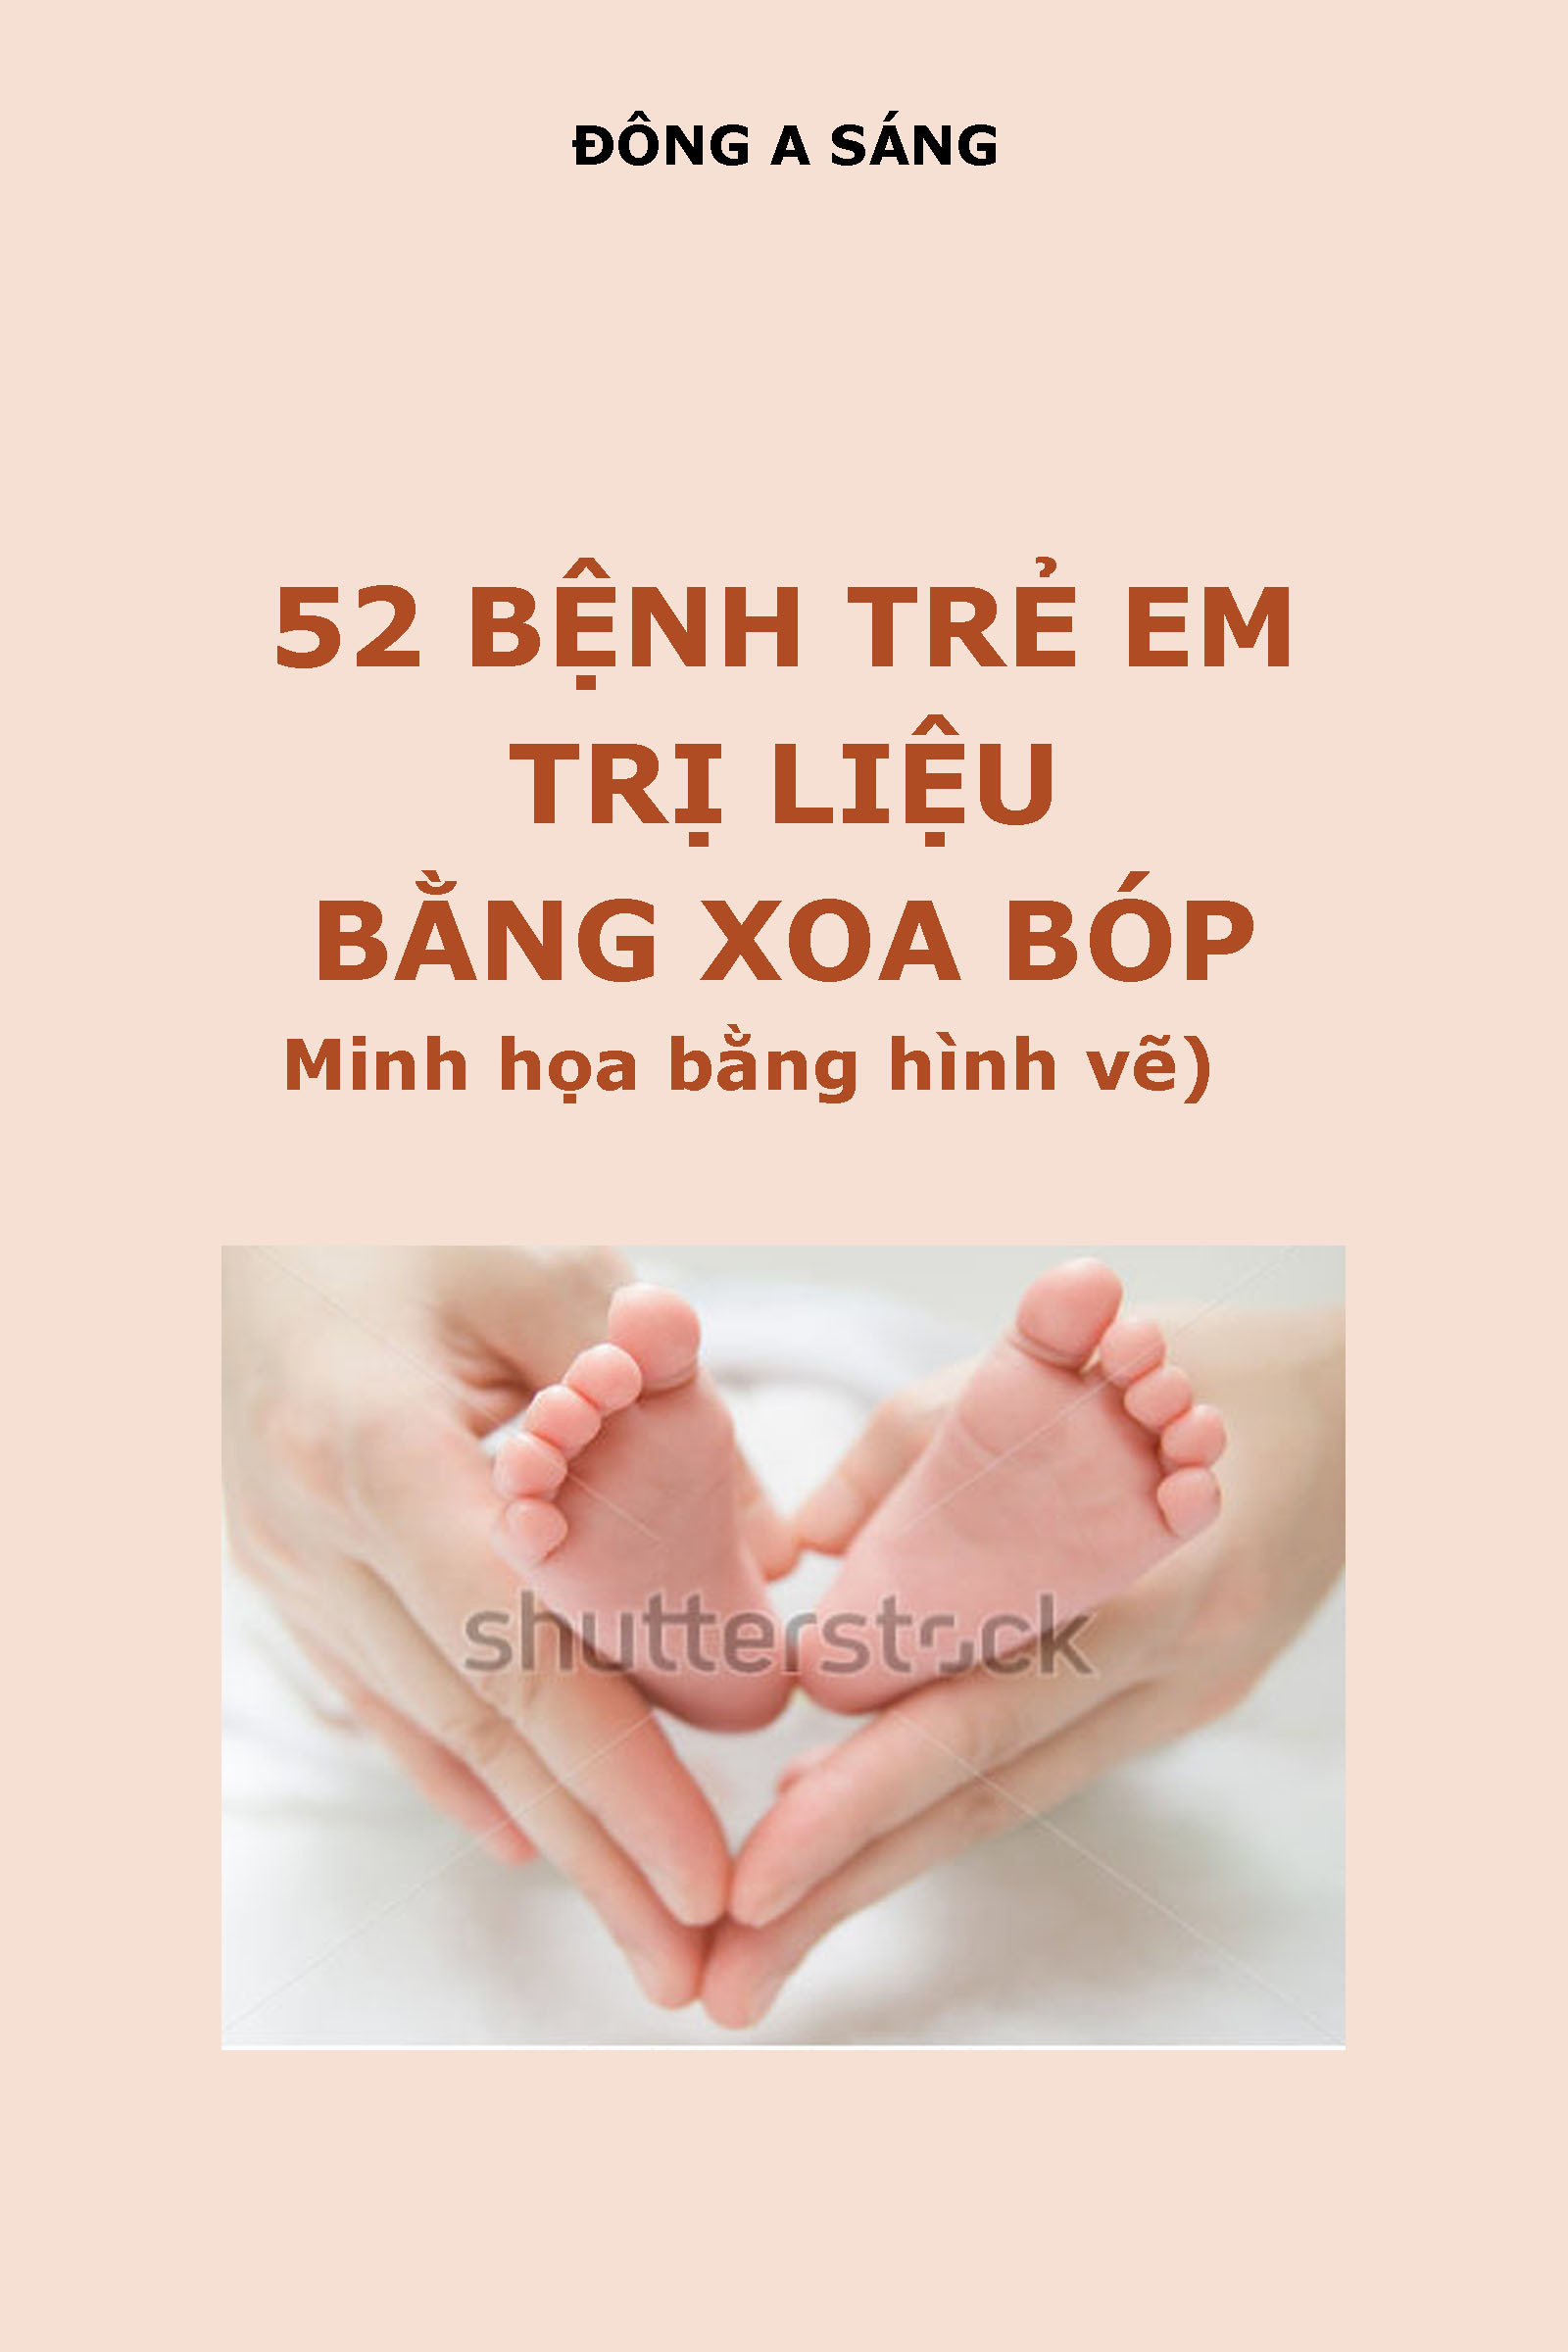 52 bệnh trẻ em - Trị liệu bằng xoa bóp  by  Dong A Sang